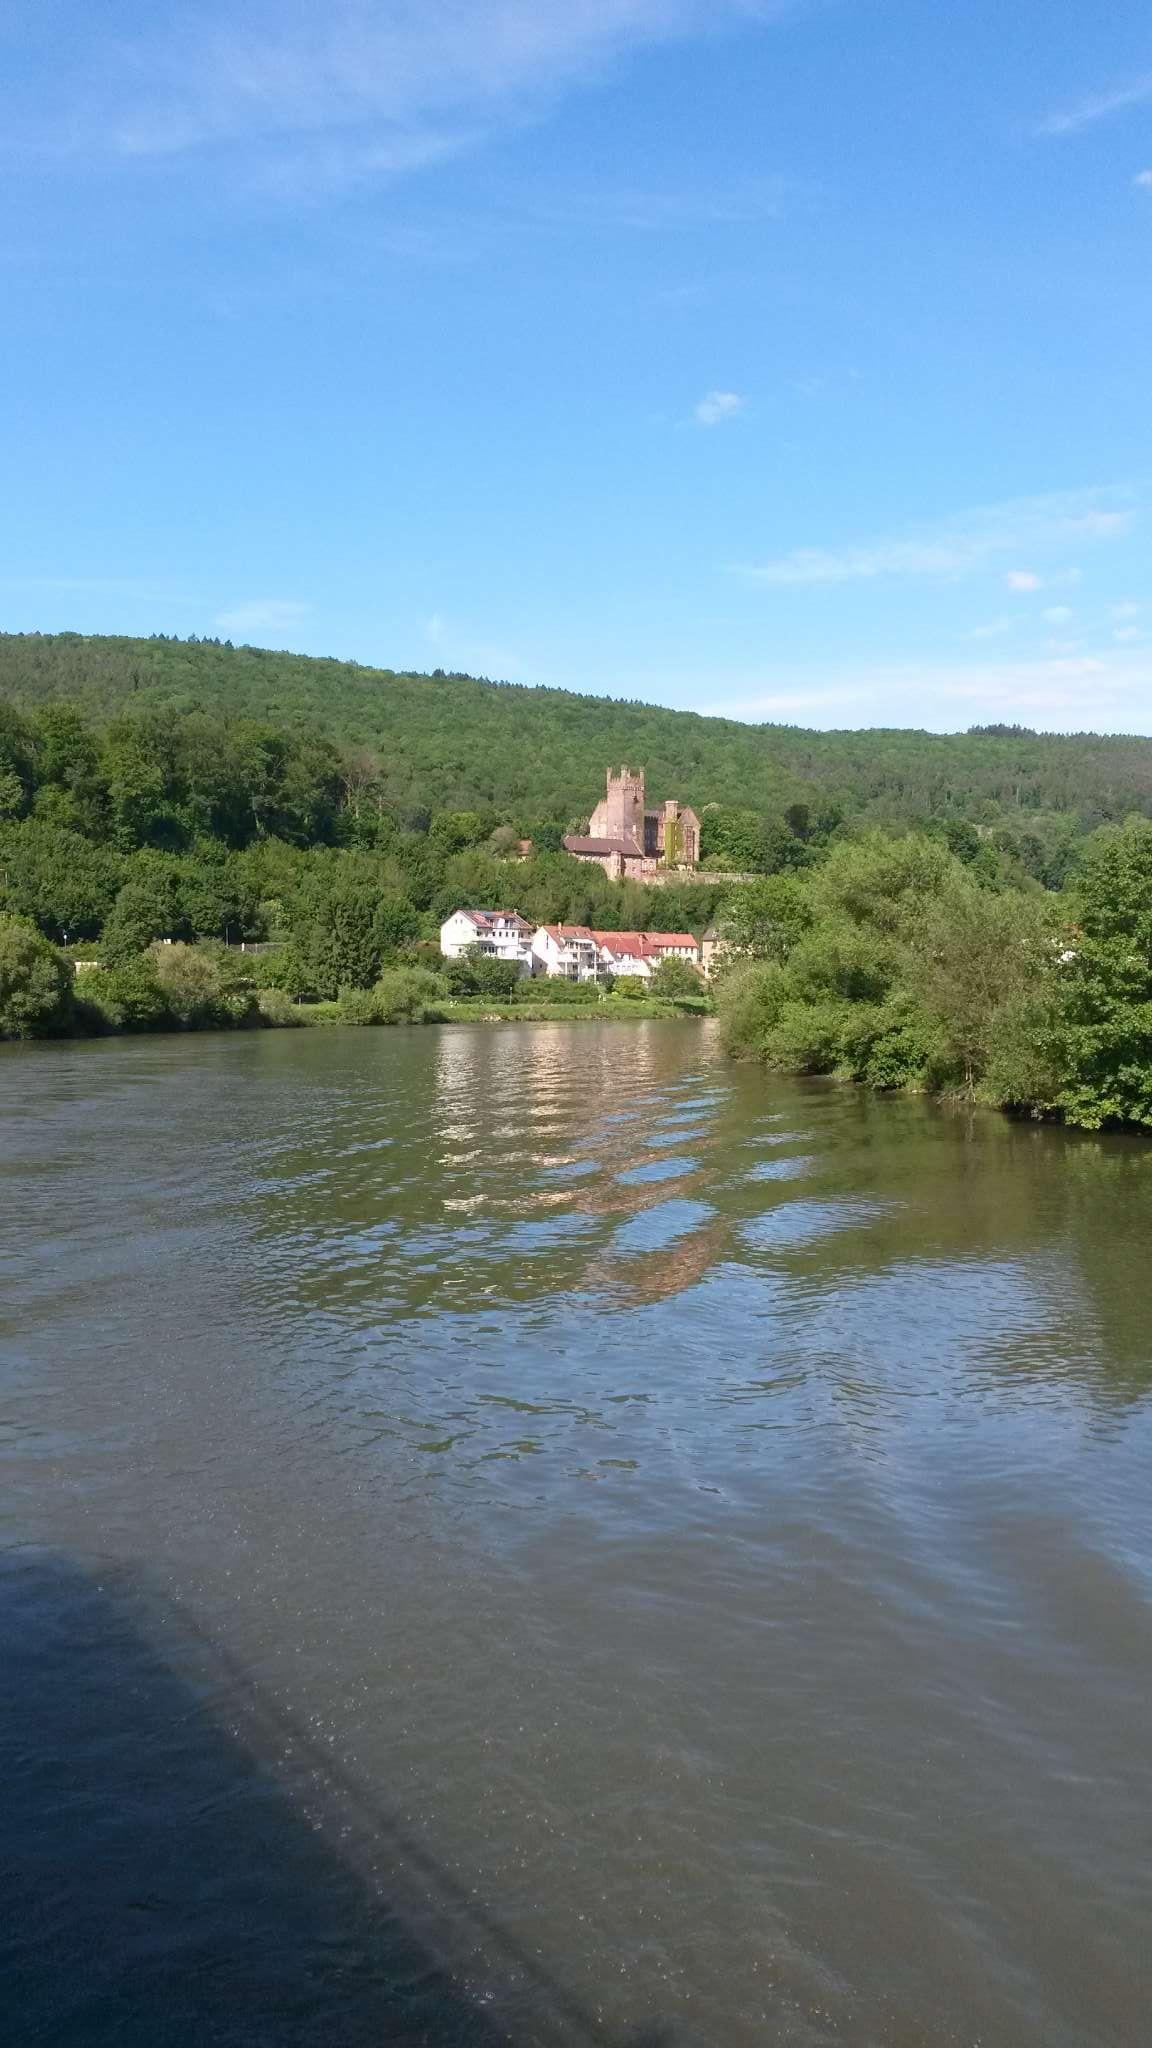 2. Haus von links, am Neckar